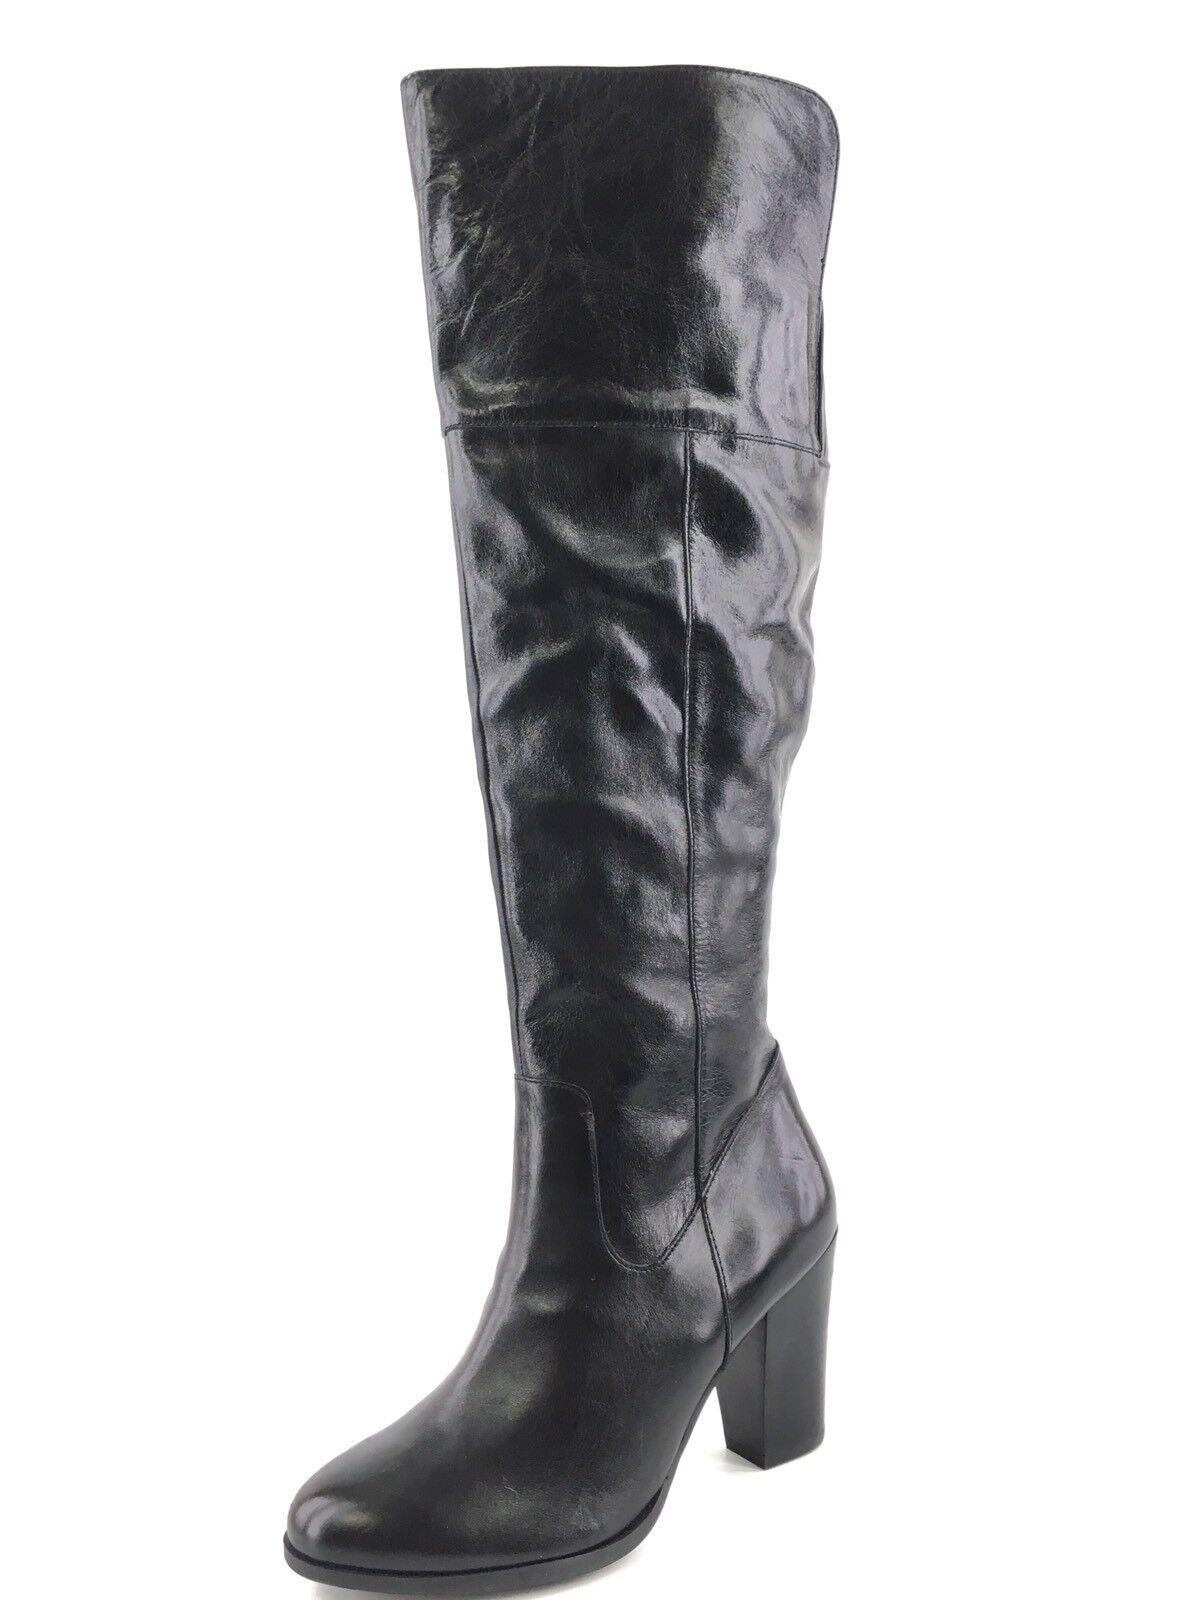 Adam Tucker Me Too Harte 6 Cuero Negro botas Hasta Hasta Hasta La Rodilla Para Mujer Talla 7 M   promocionales de incentivo